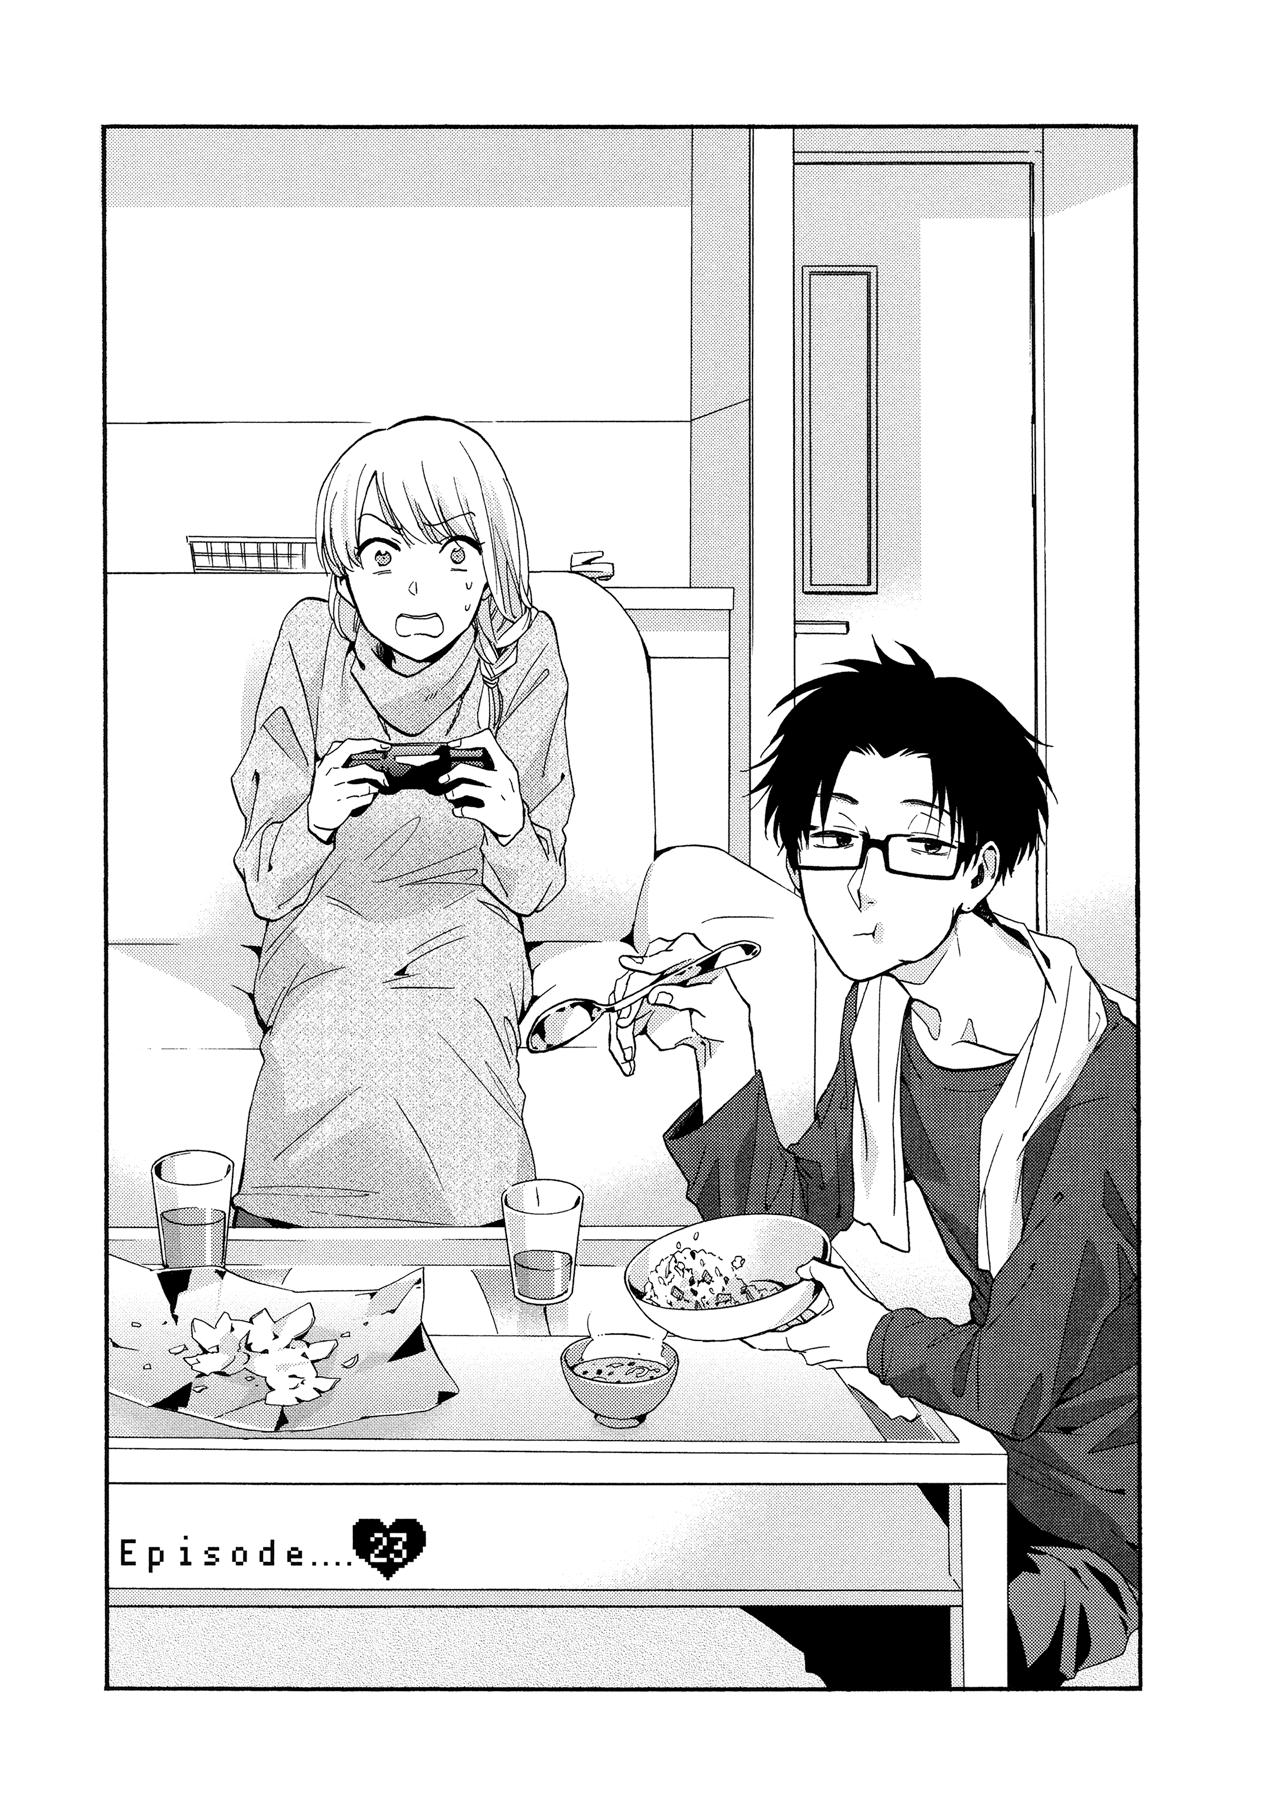 Wotaku ni Koi wa Muzukashii Manga / vol.4 ch.23 Episode